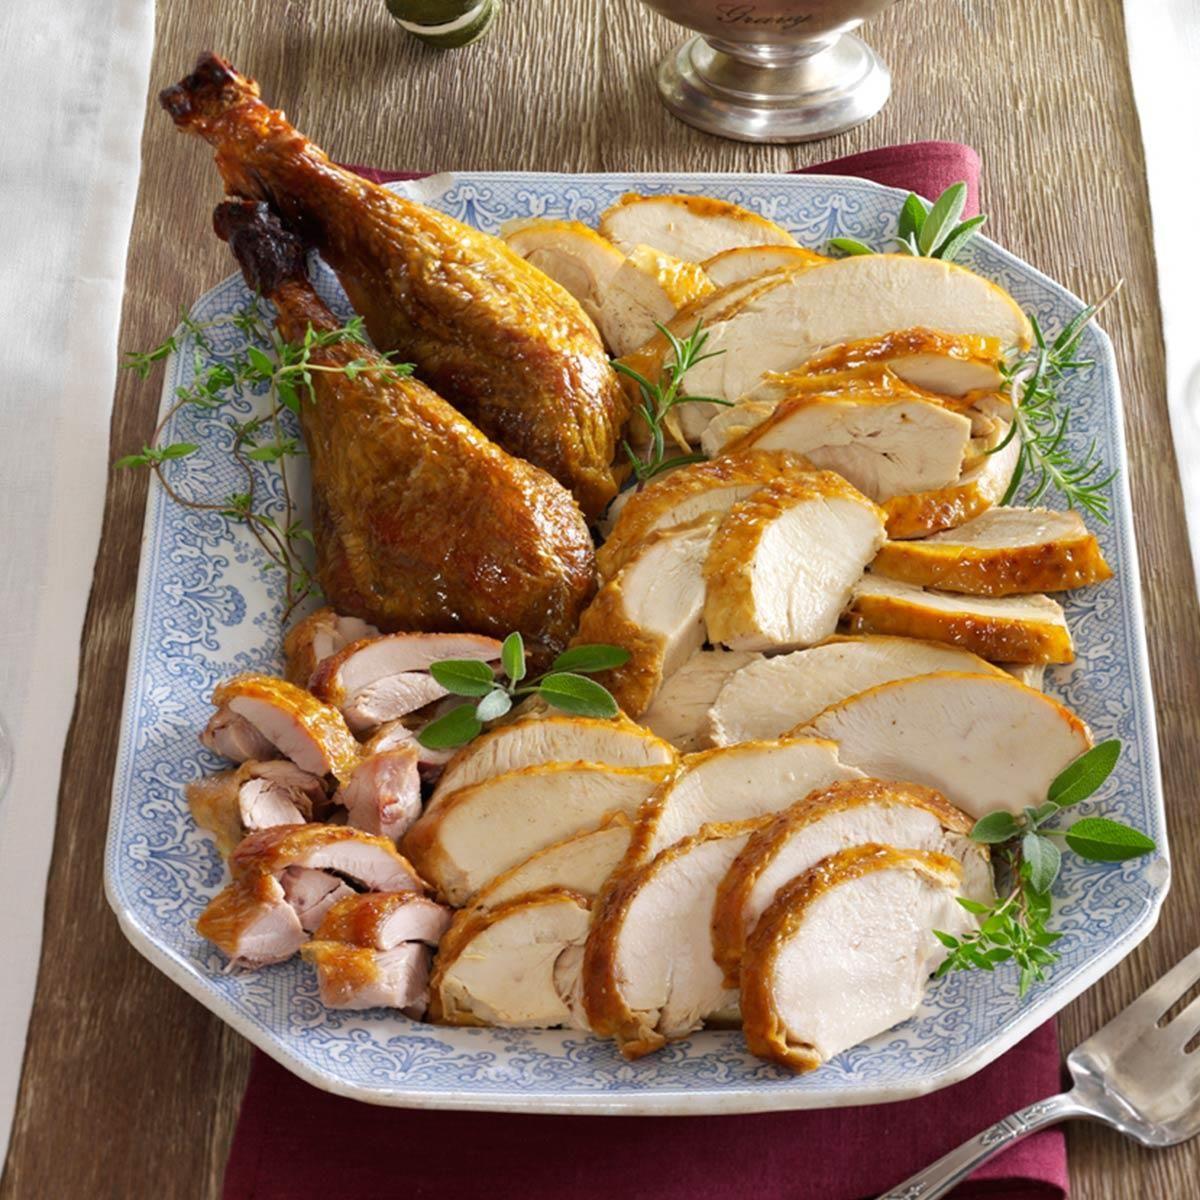 Photo of Make-Ahead Turkey and Gravy